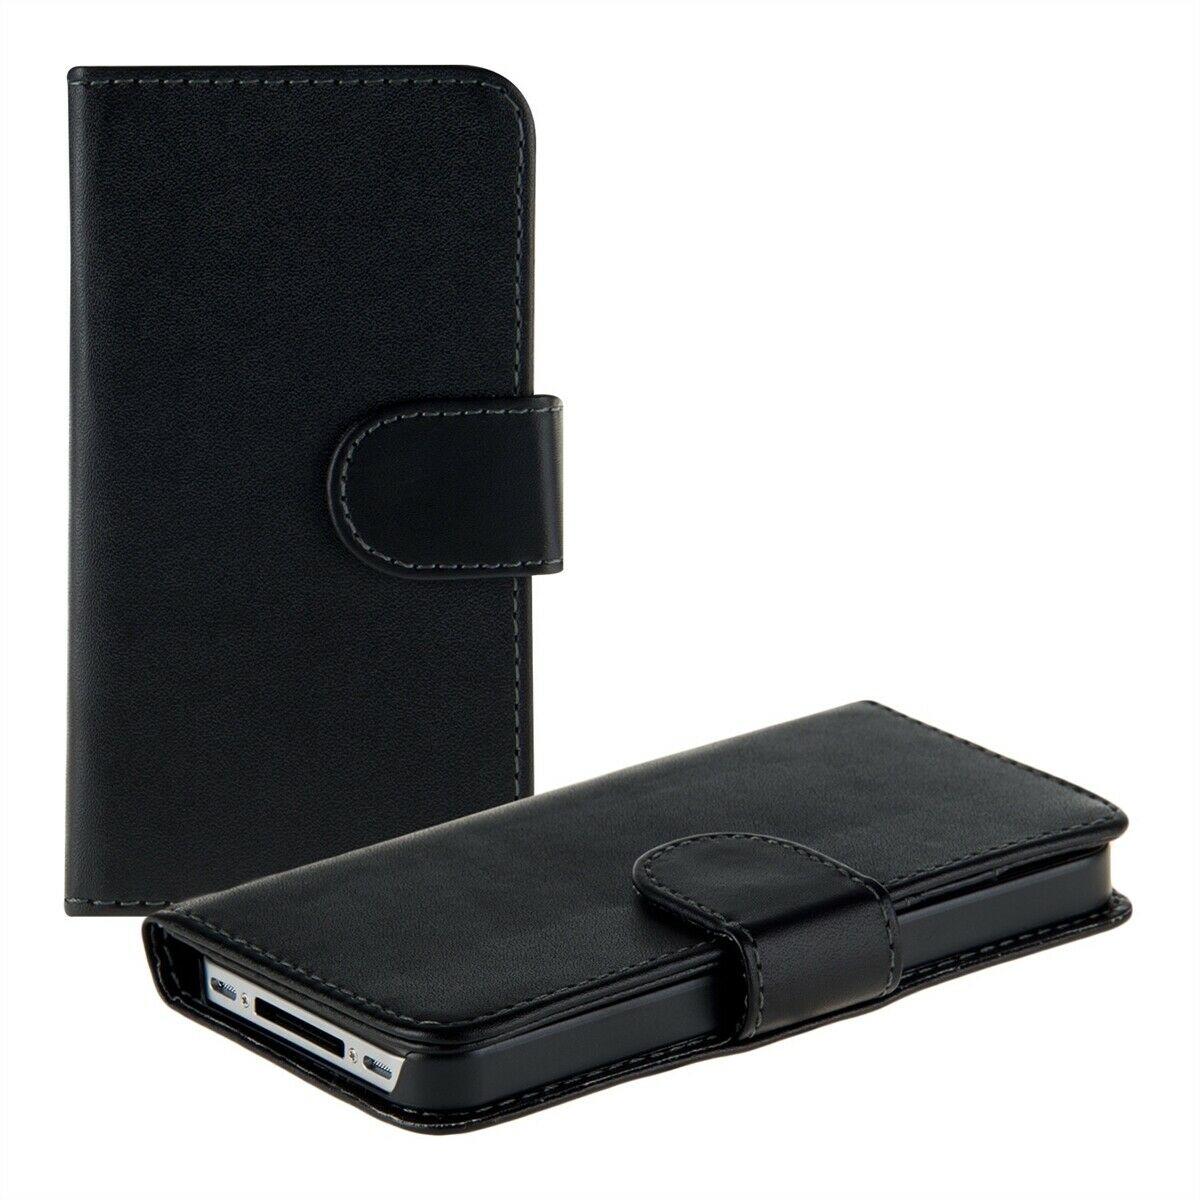 Pouzdro pro Apple iPhone 4 4S černé